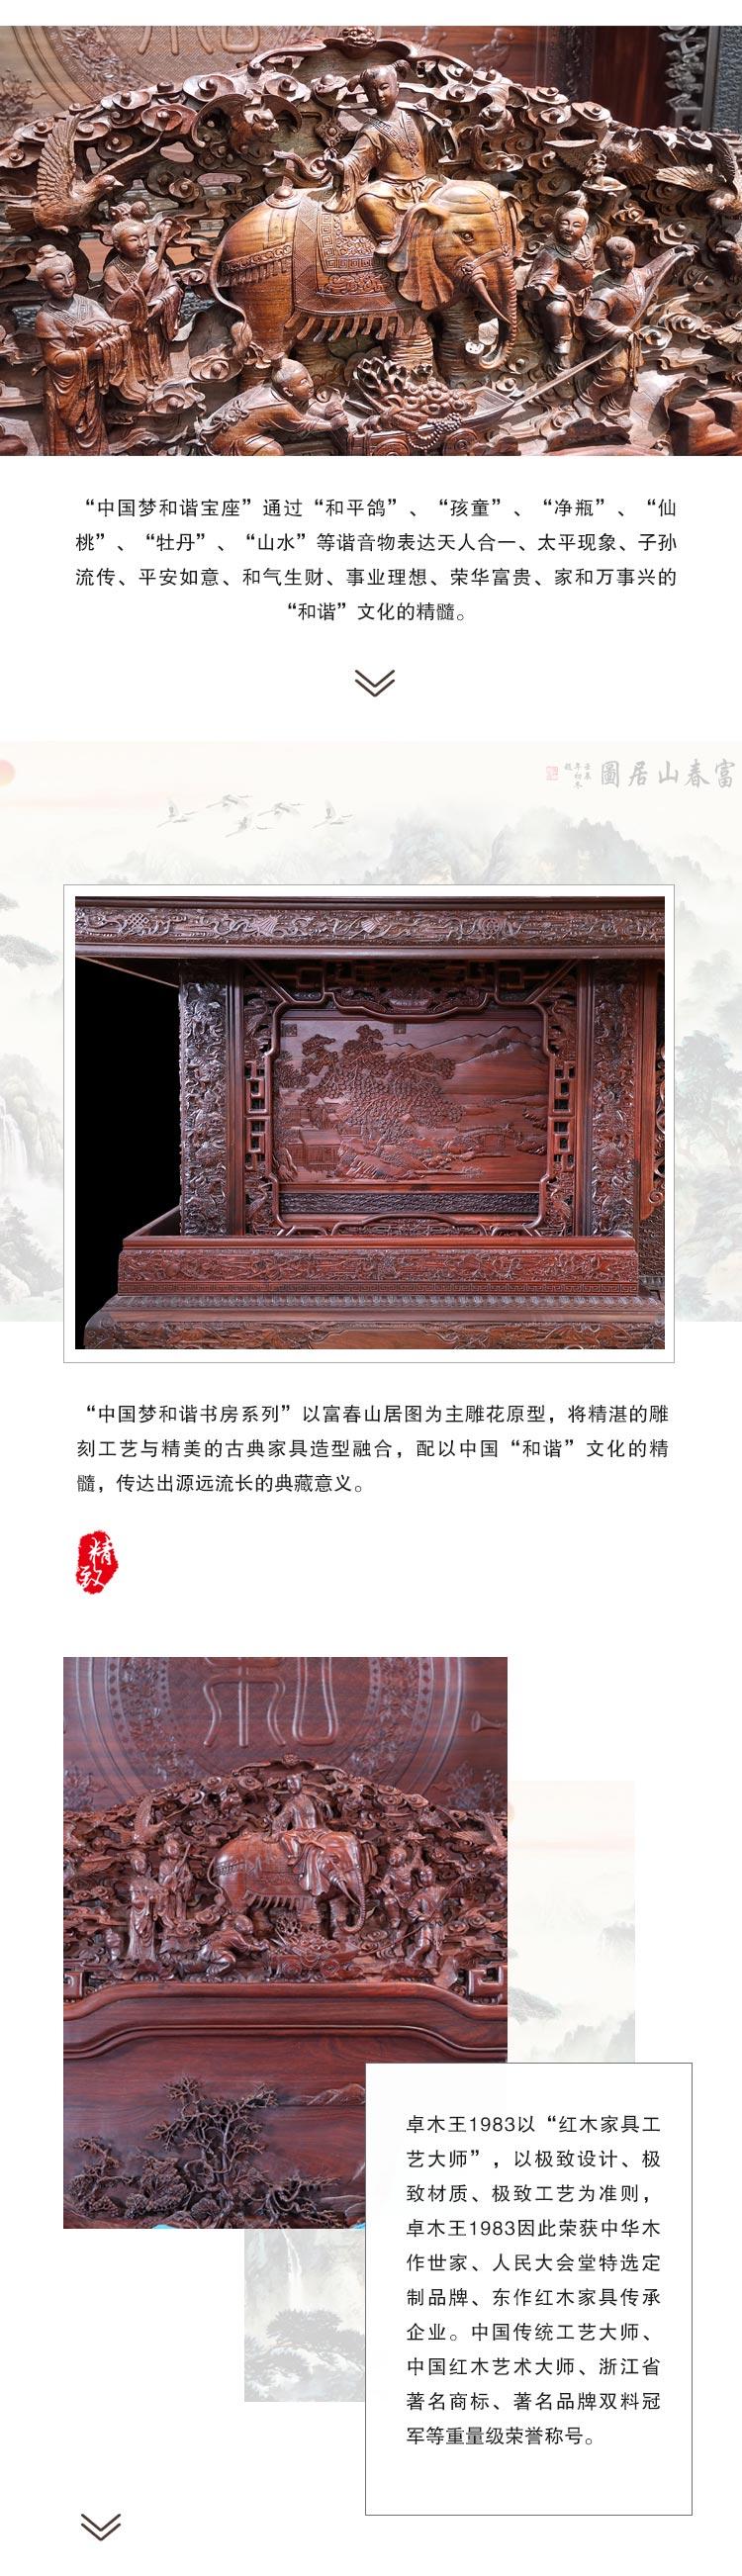 卓木王腾讯产品介绍中国梦和谐书房系列-2.jpg